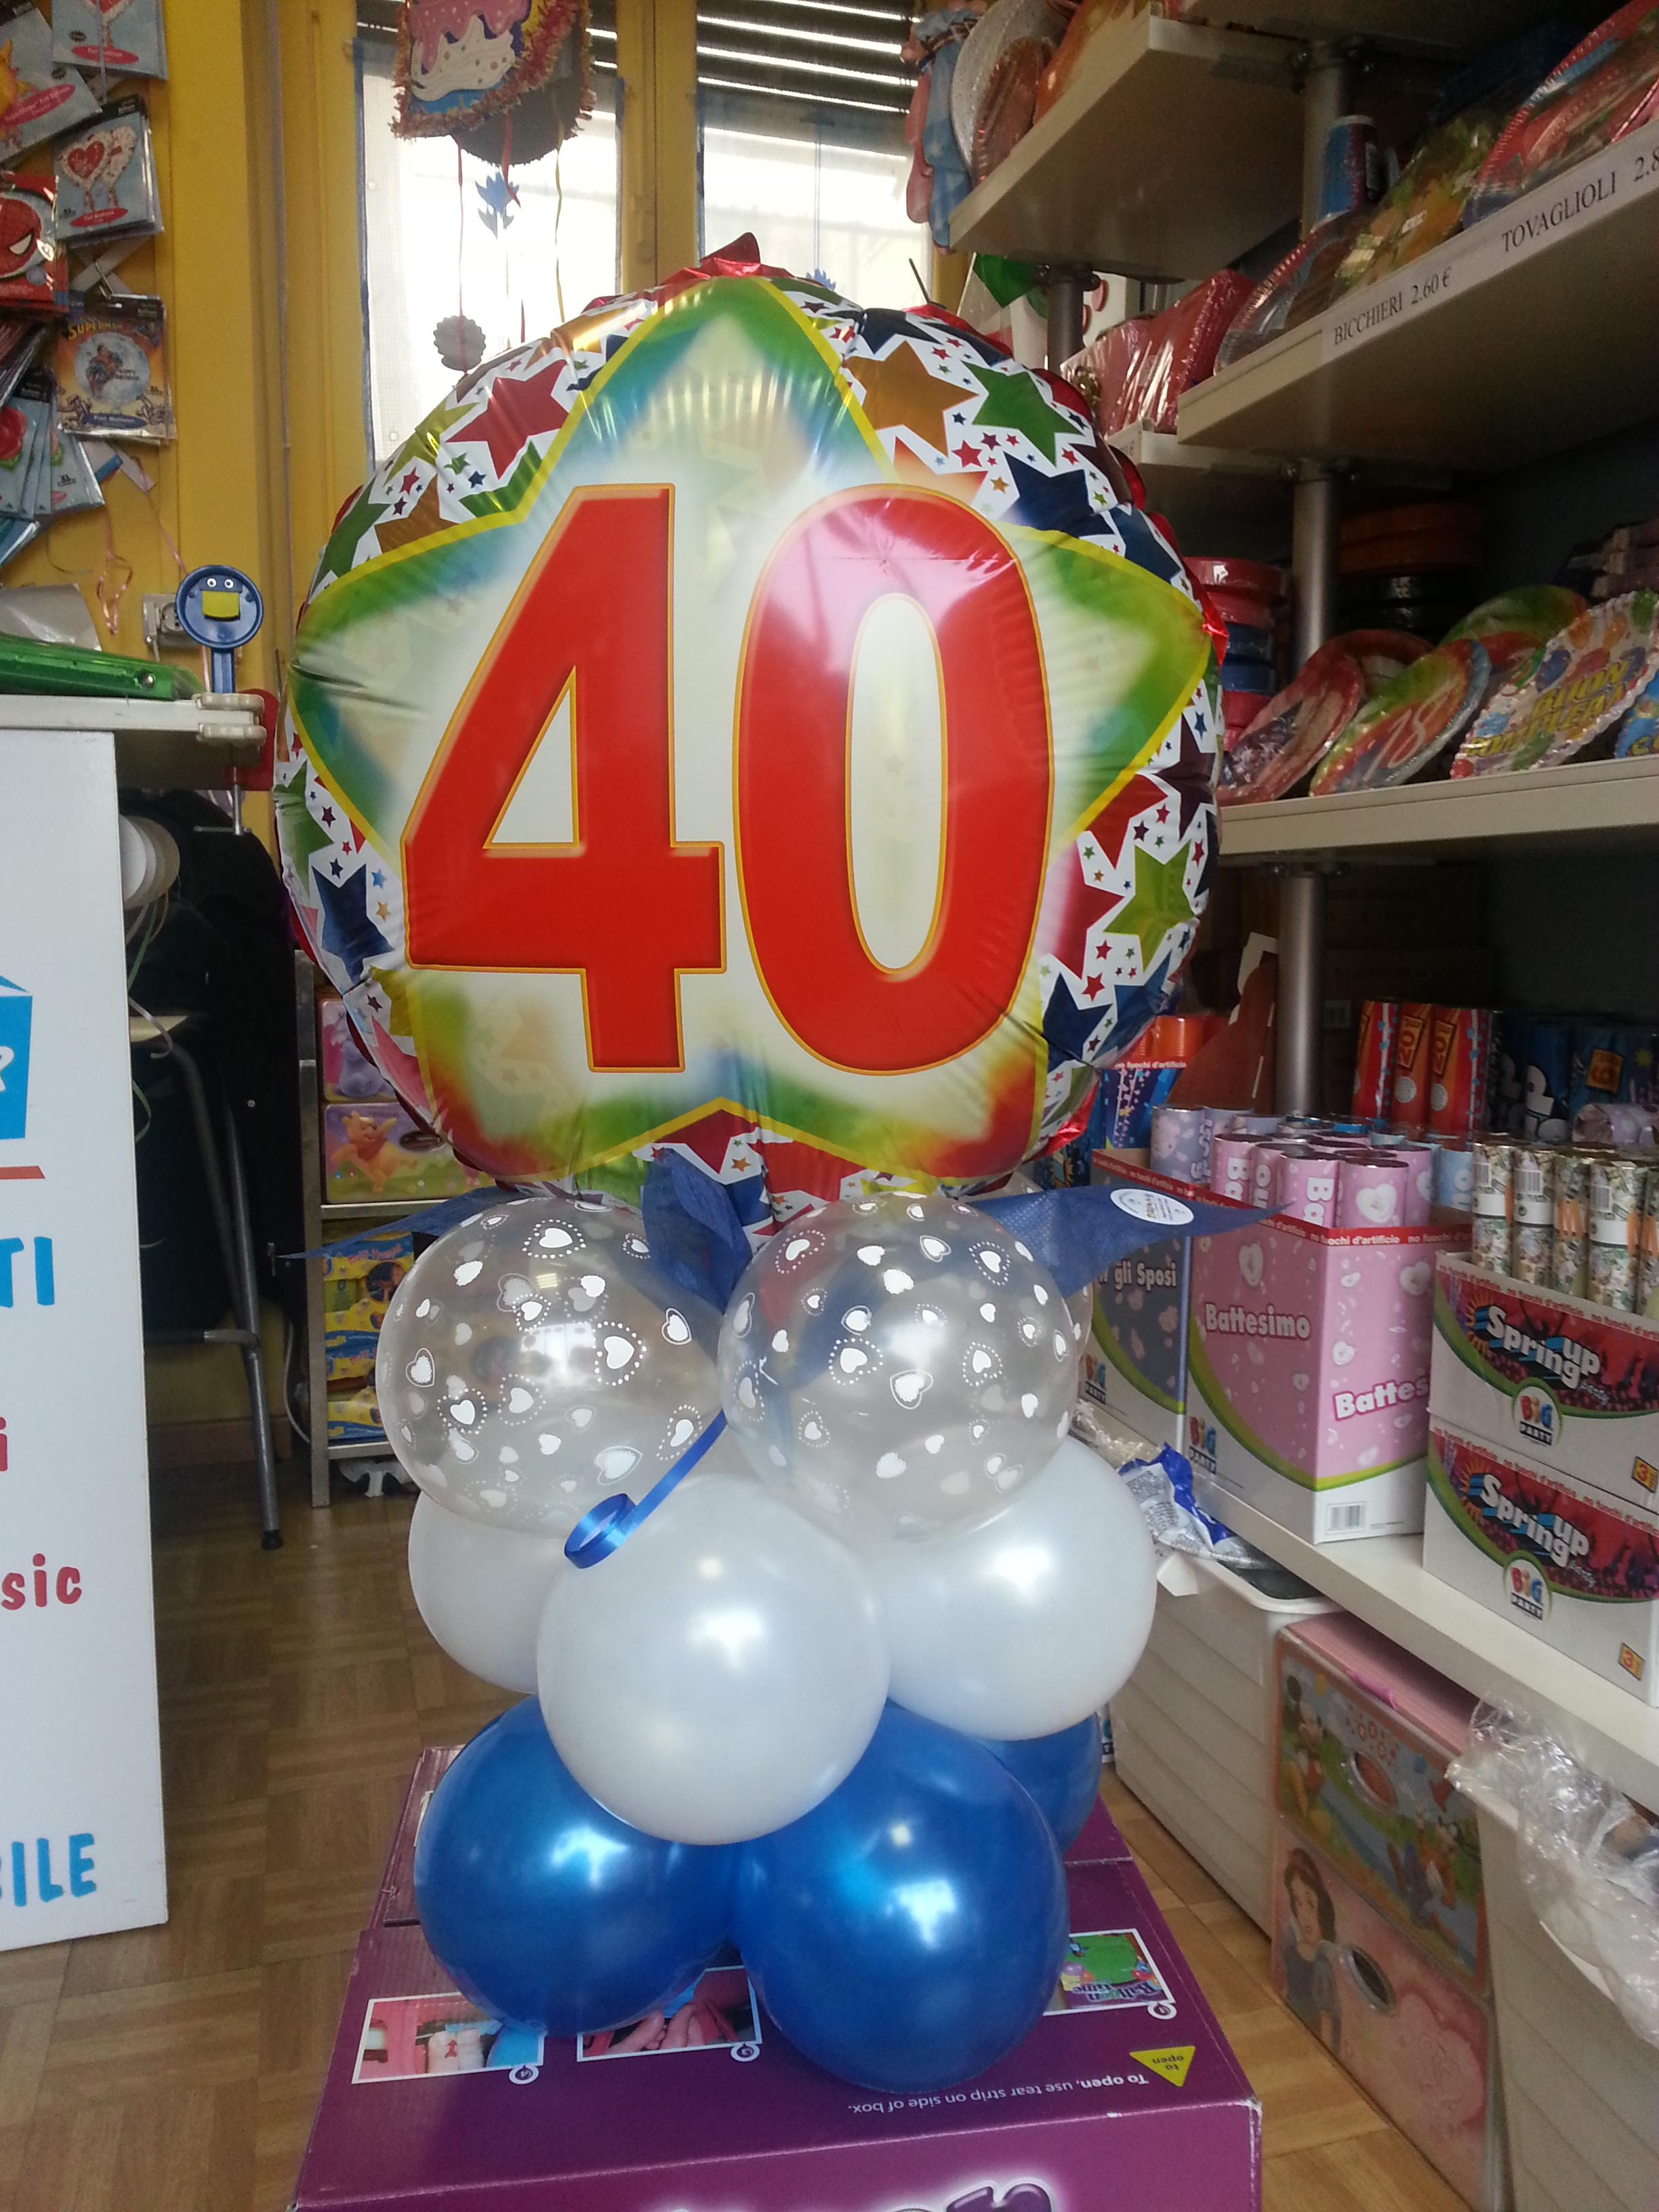 Eccezionale Idee Festa Compleanno 40 Anni Uomo NE25 » Regardsdefemmes TD08